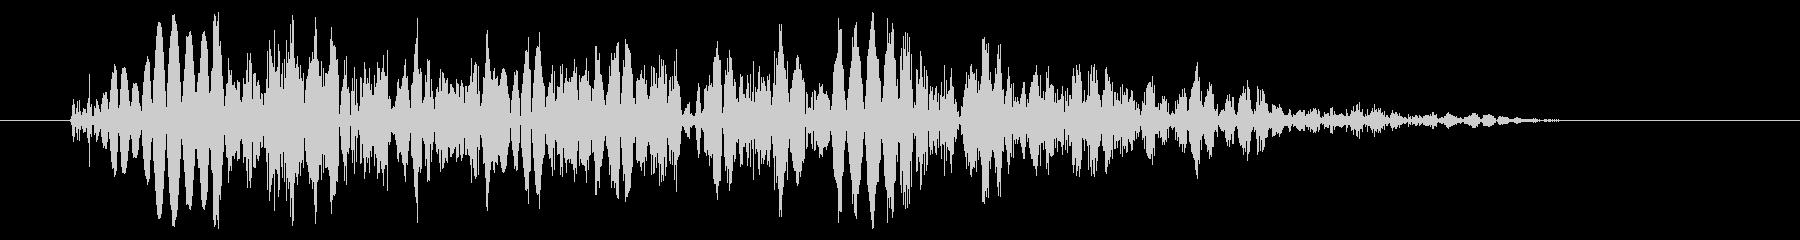 強キック 打撃音 02Hの未再生の波形